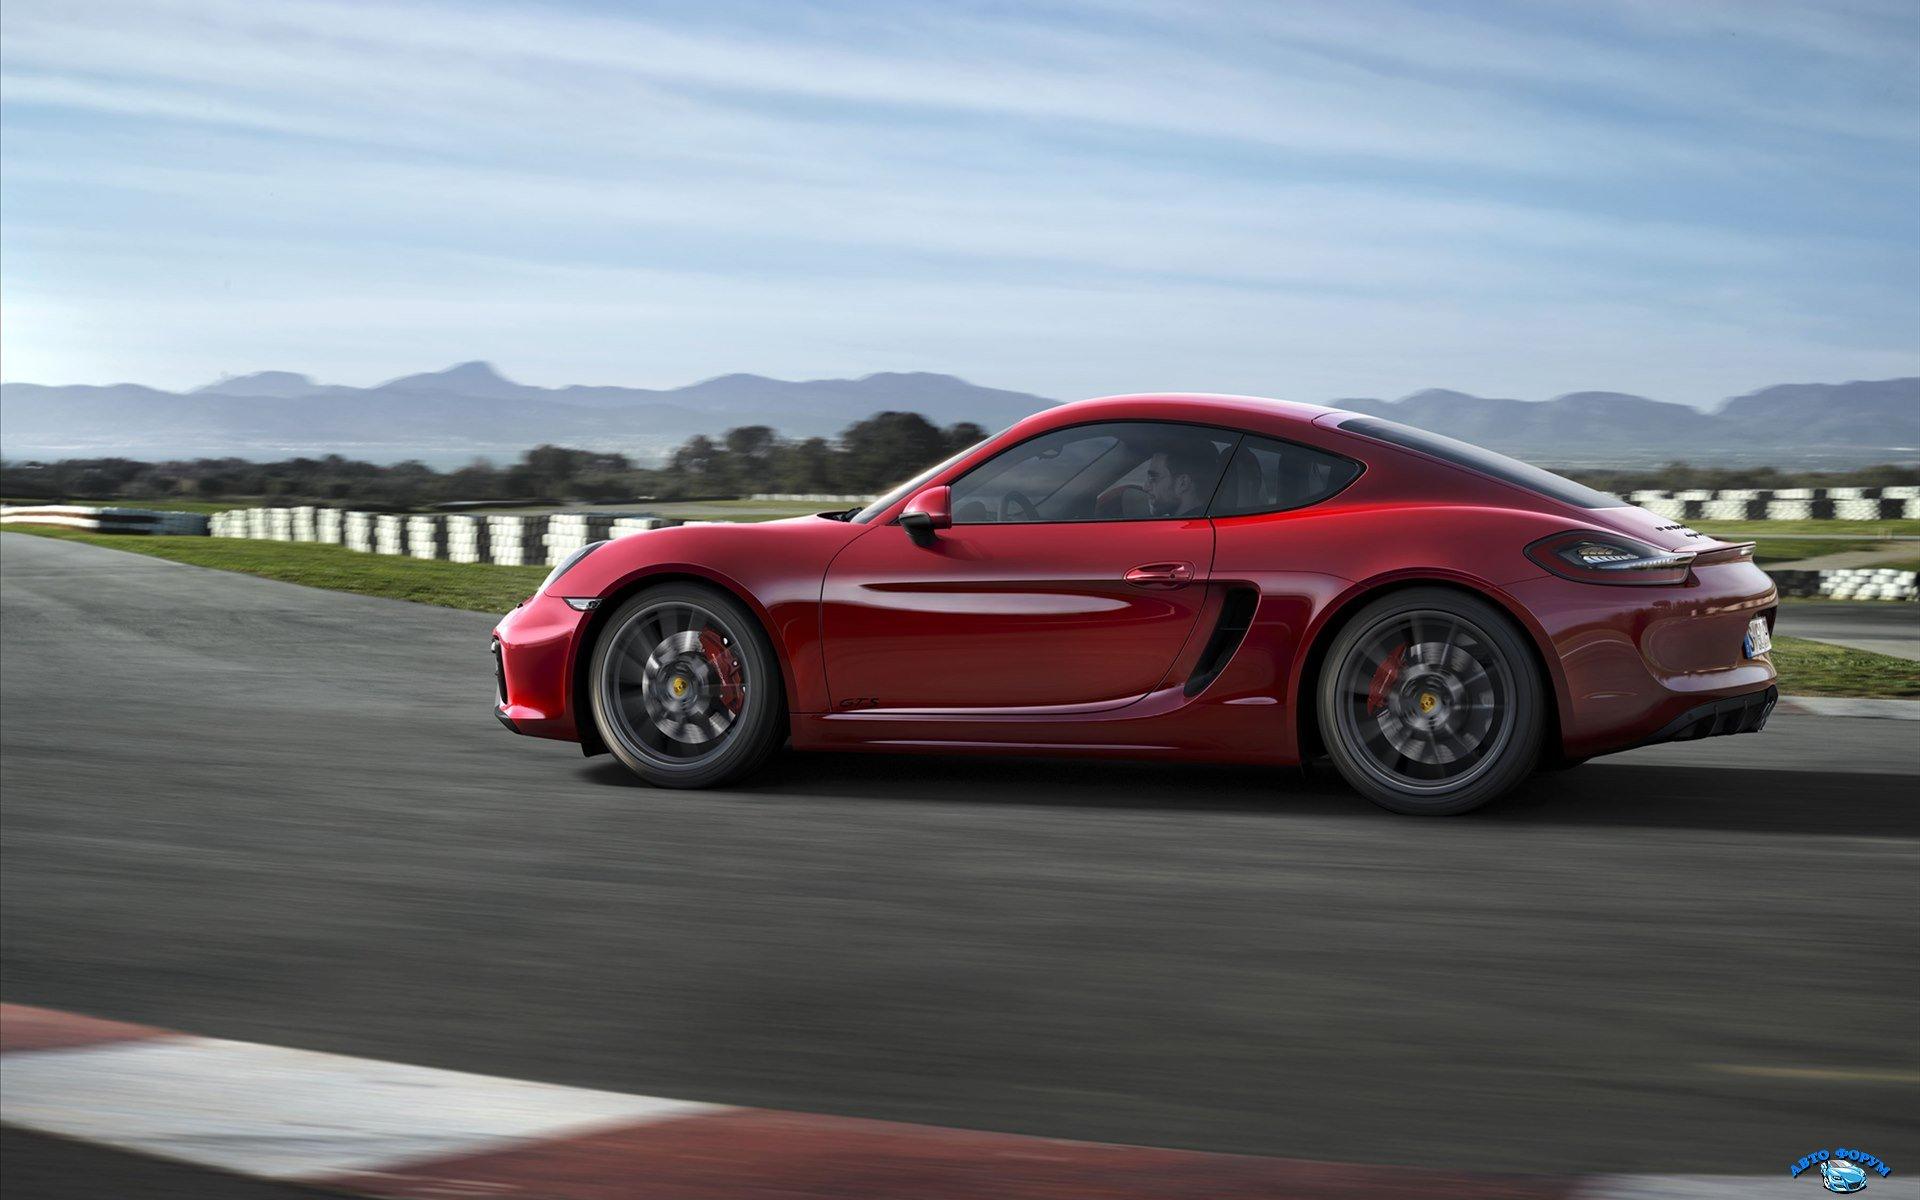 Porsche-Cayman-GTS-2015-widescreen-06.jpg